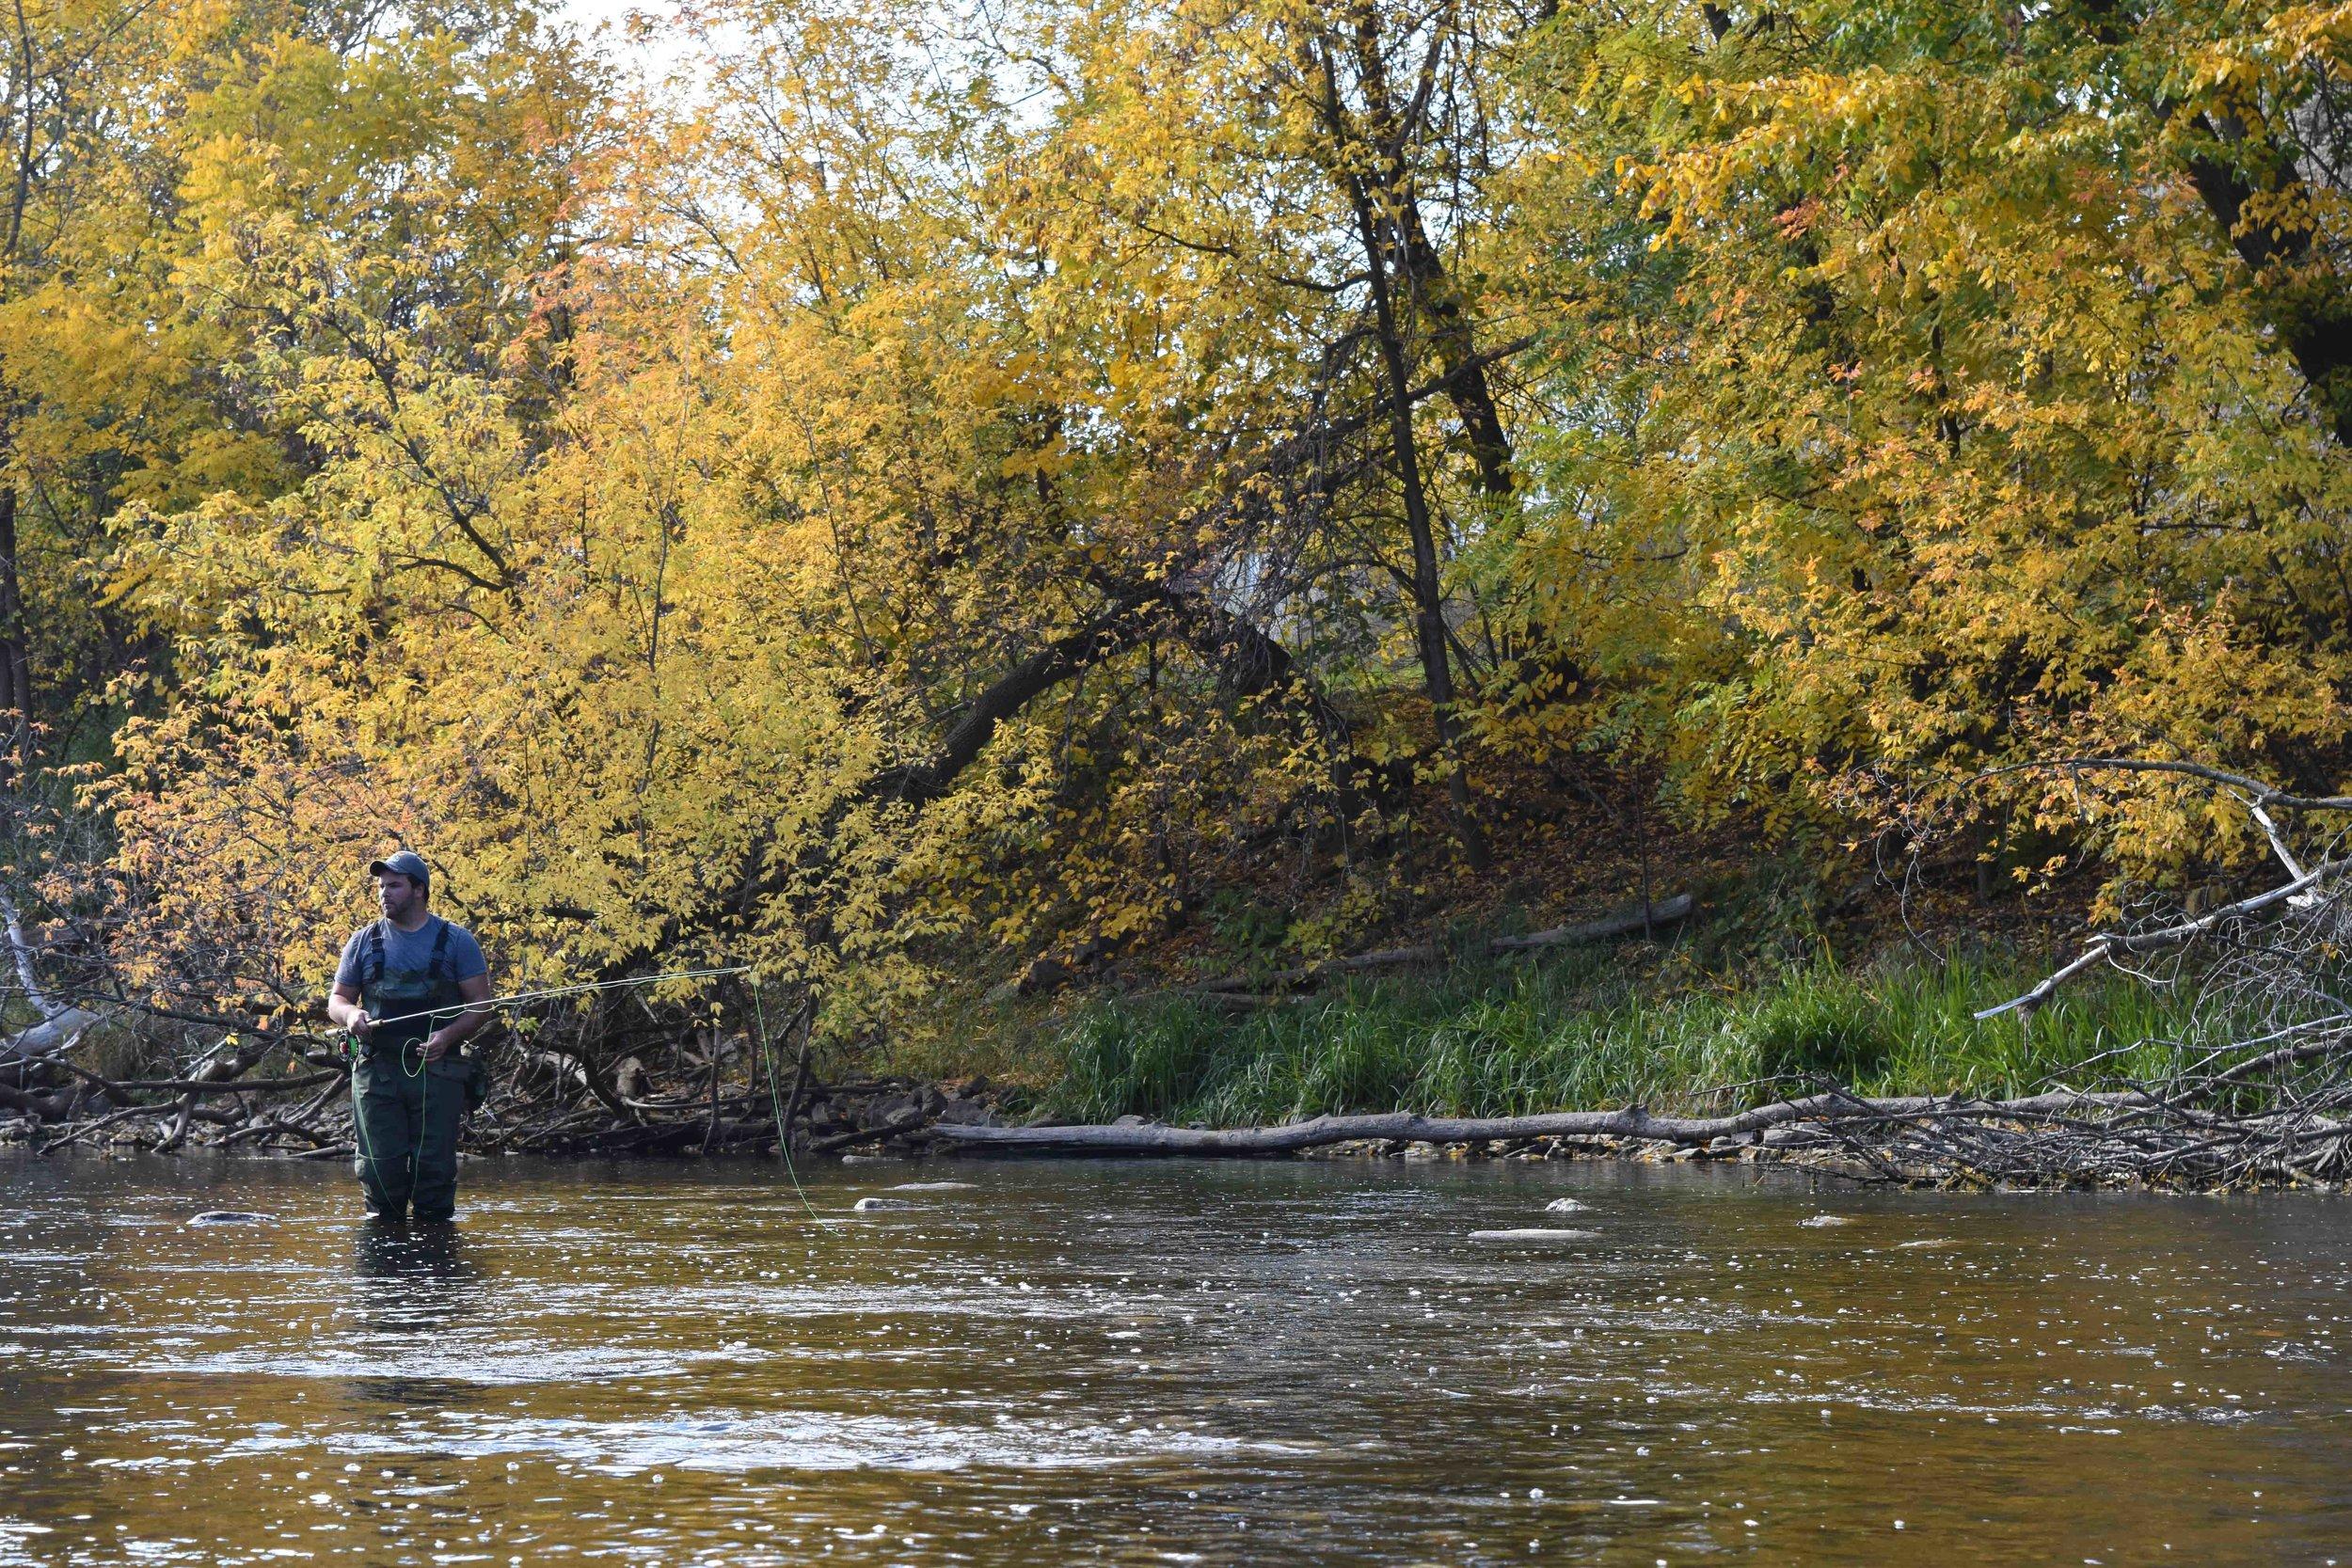 Napanee River, Ontario